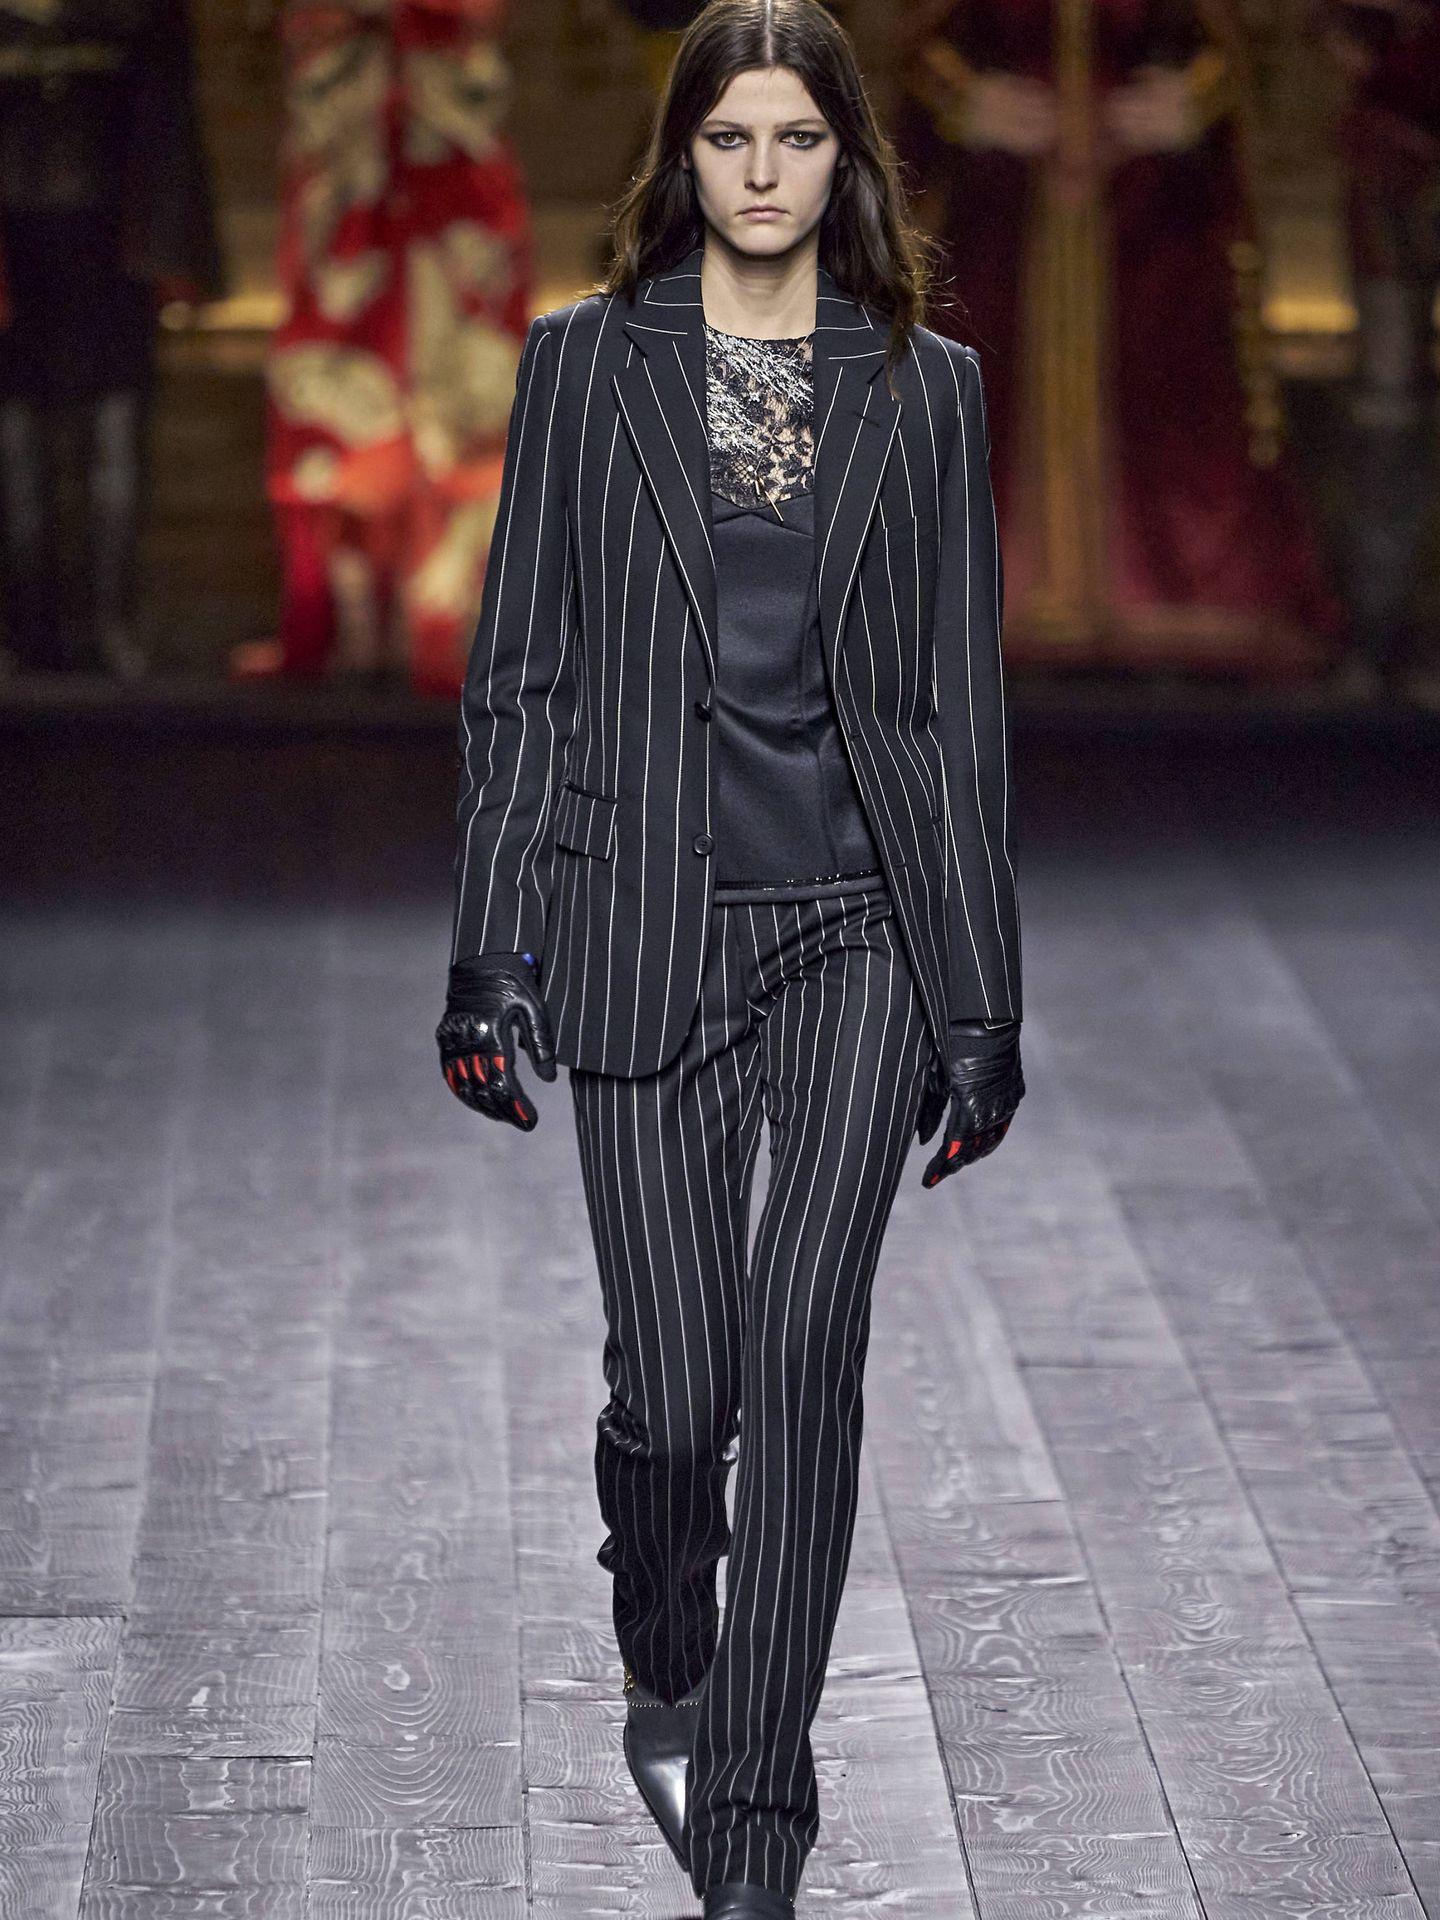 Una modelo en el desfile de Louis Vuitton. (Imaxtree)